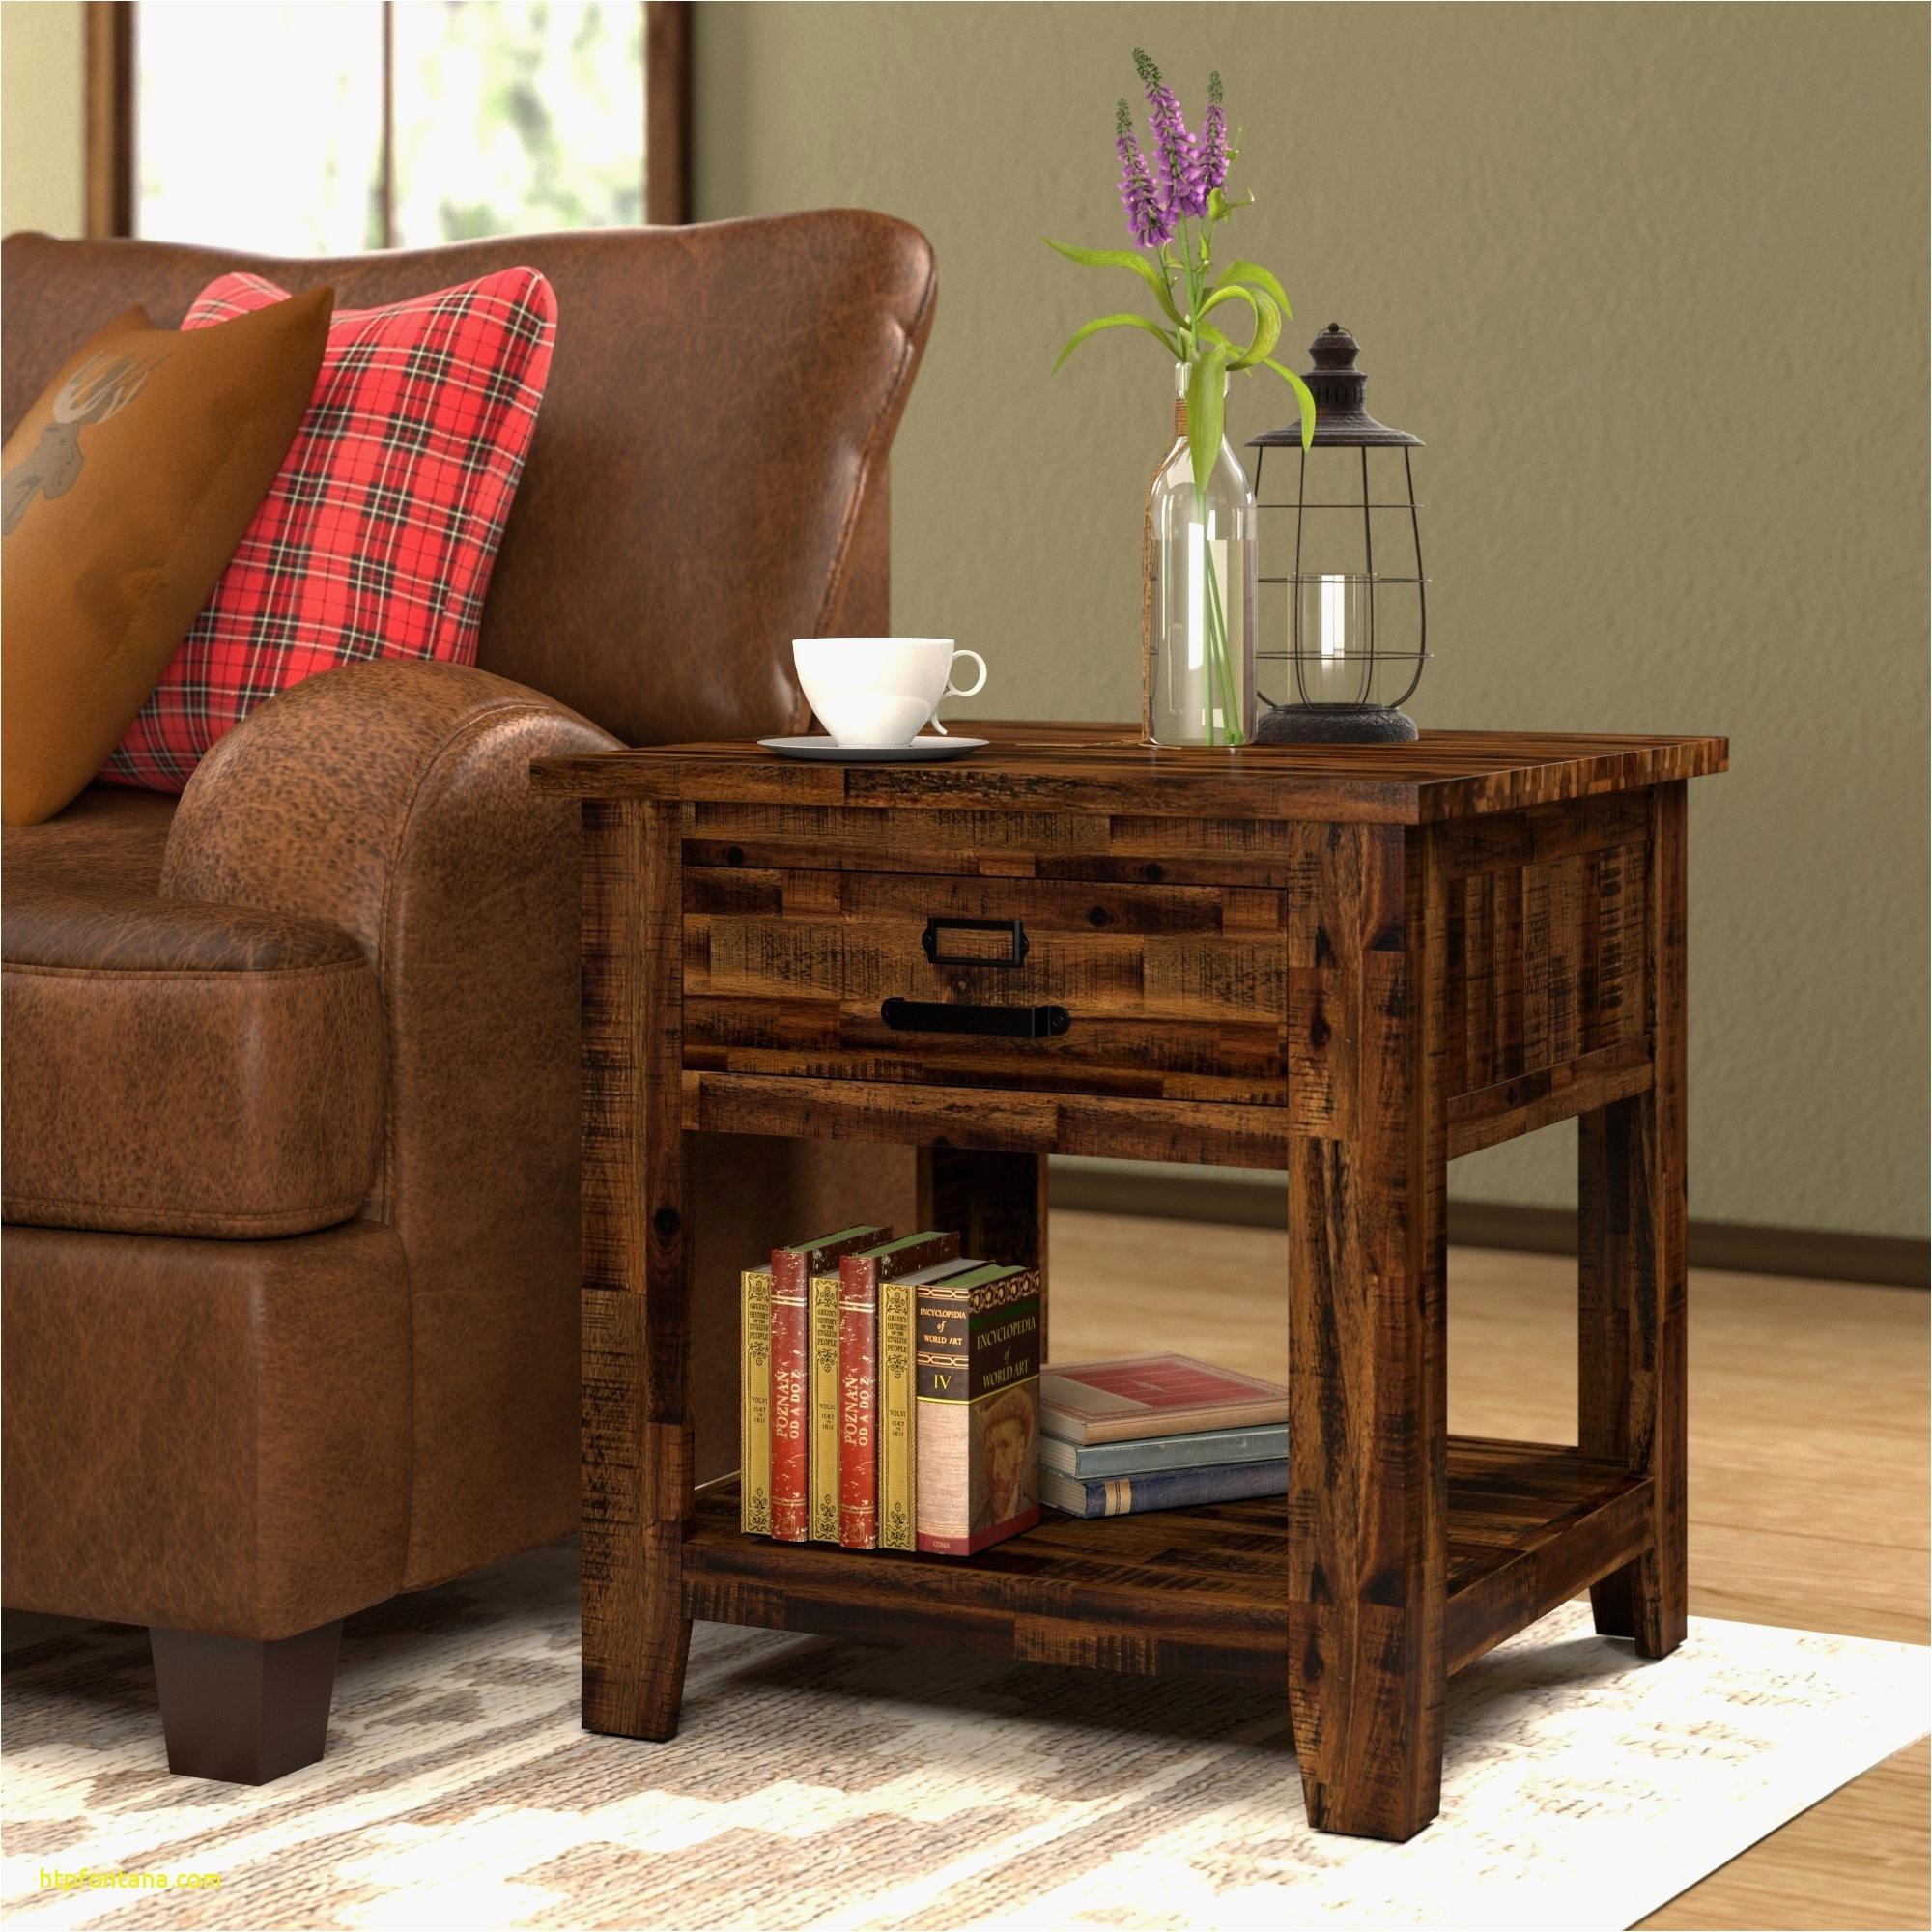 living room furniture sets for sale unique tar living room sets luxury living room awesome rustic